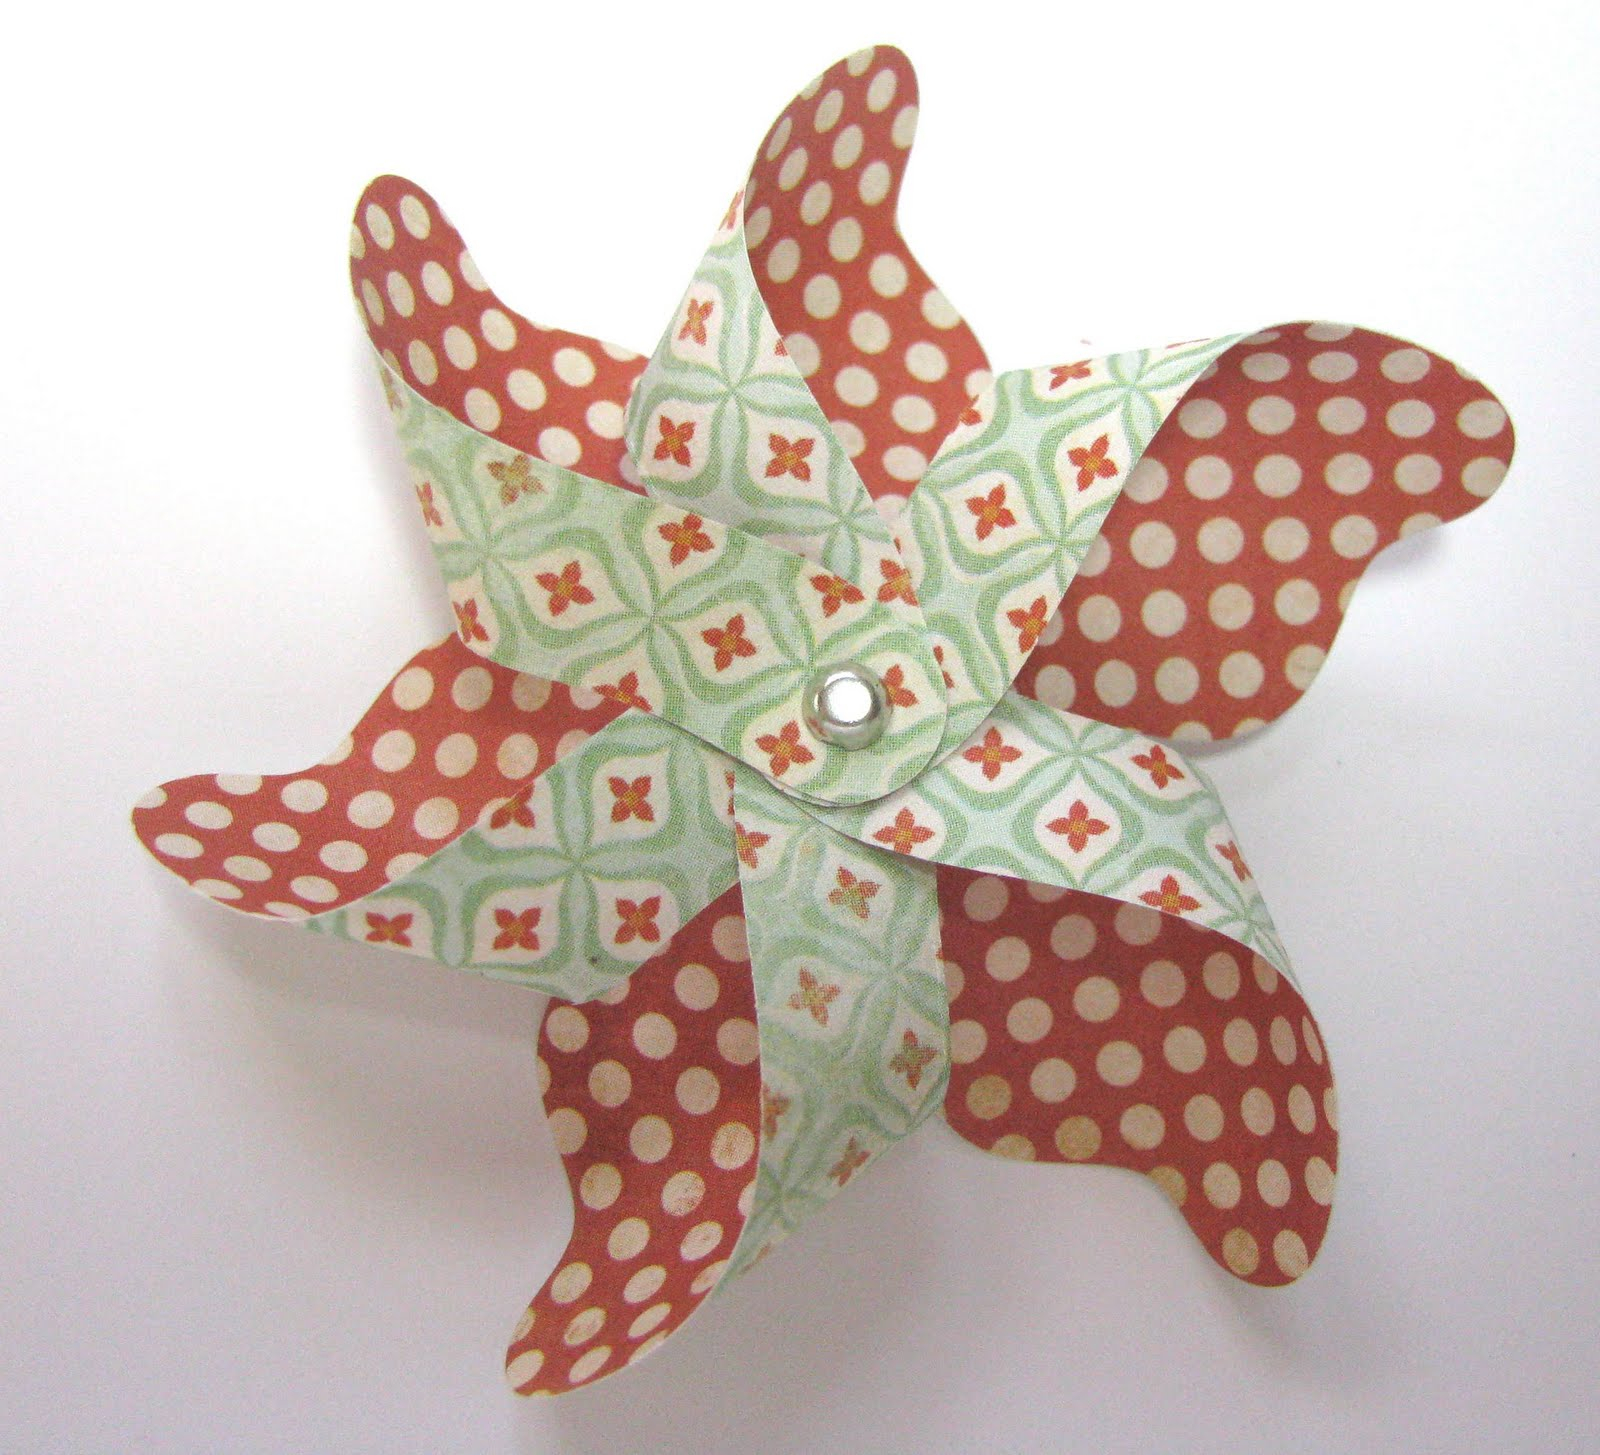 Lil Inker Designs Pinwheel Die Tutorial